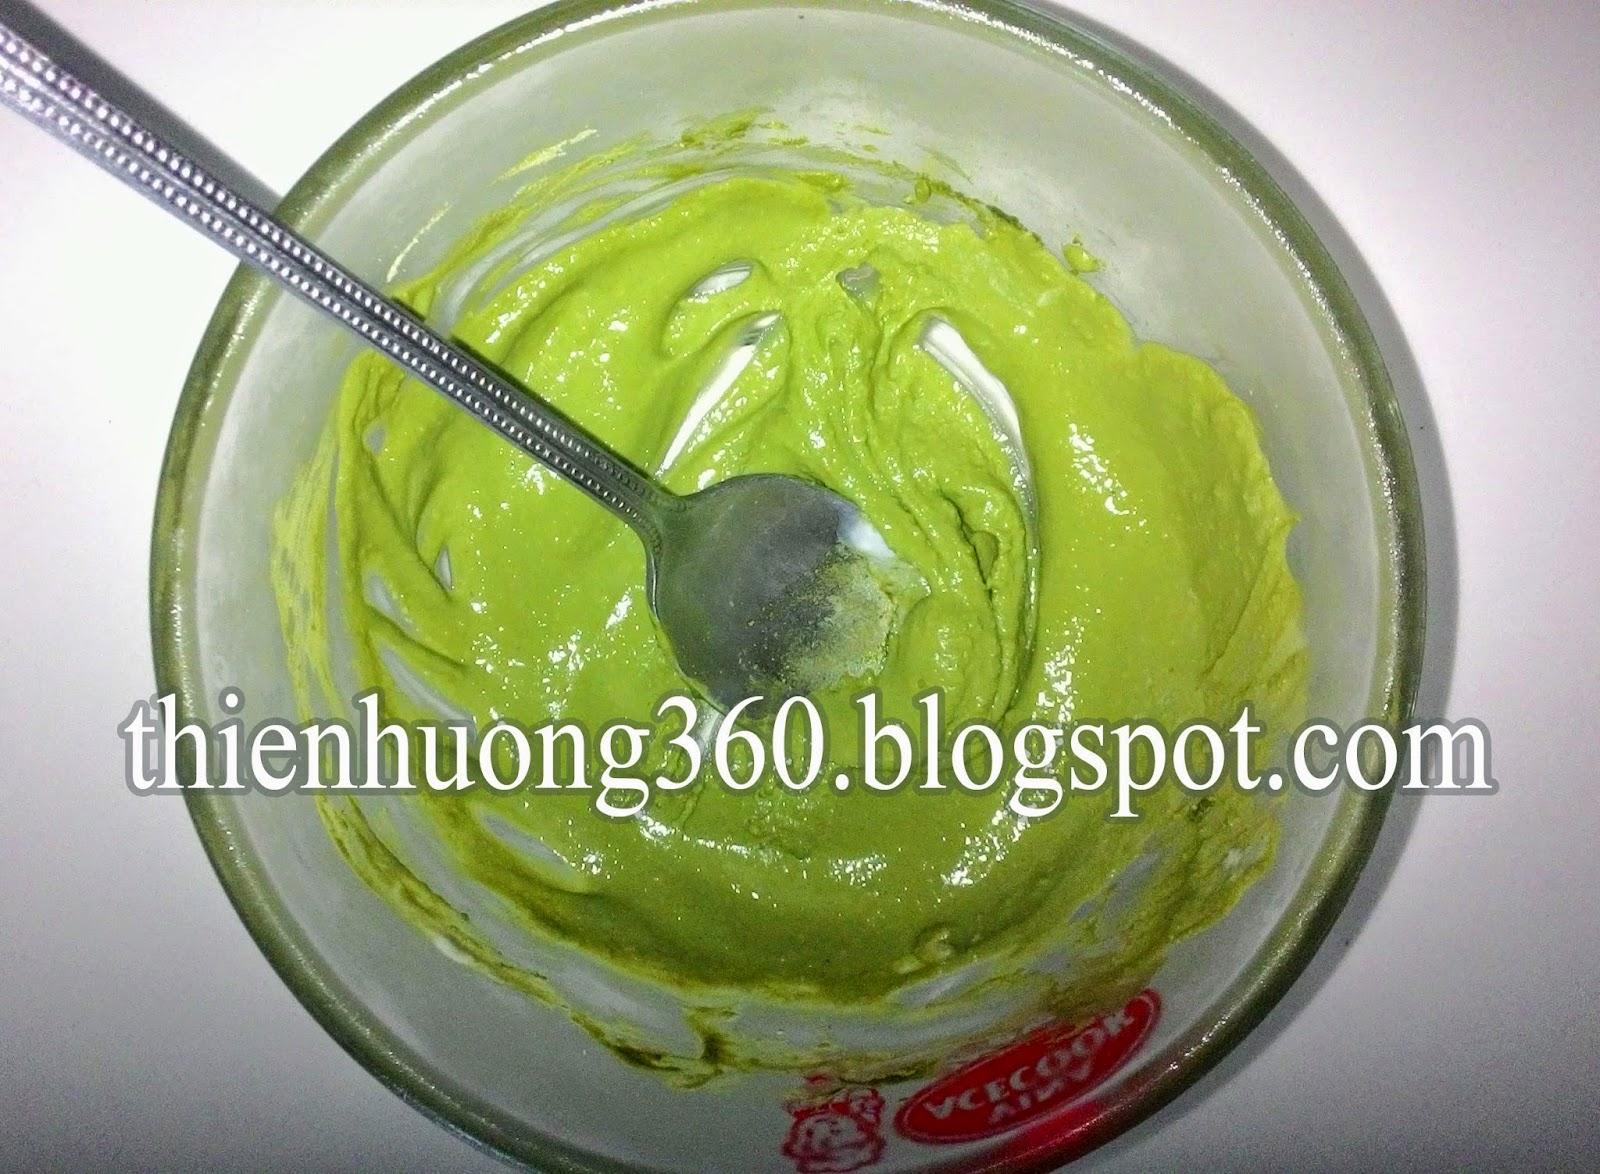 Cách làm mặt nạ trị mụn từ bột trà xanh, bột yến mạch, váng sữa và mật ong